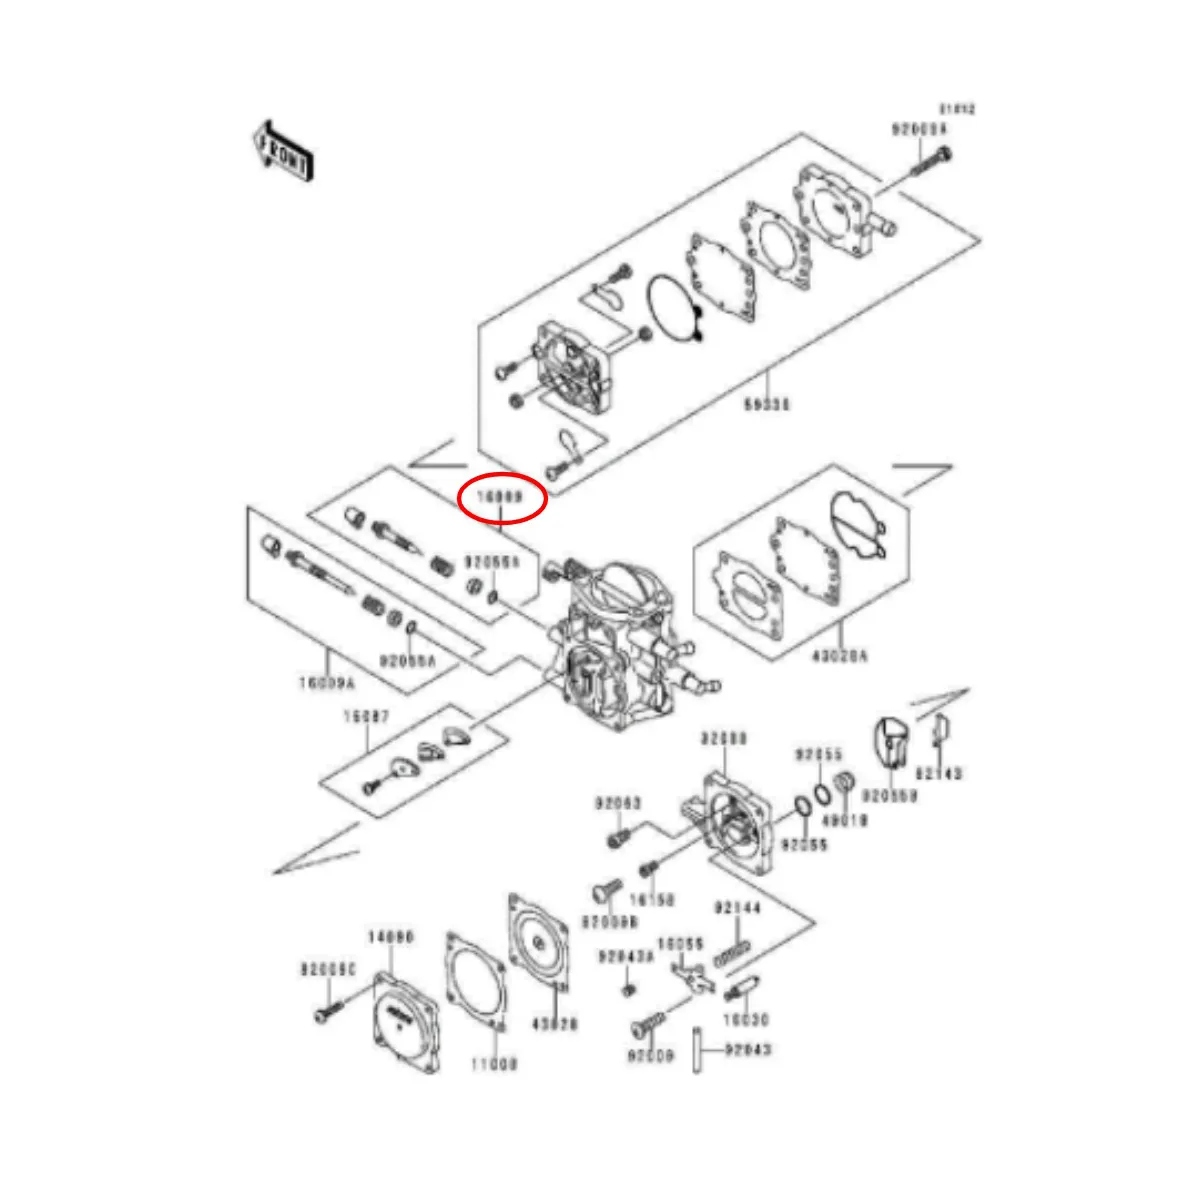 Agulha Com Sede Carburador Keihin para Jet Ski 1.8>  - Radical Peças - Peças para Jet Ski